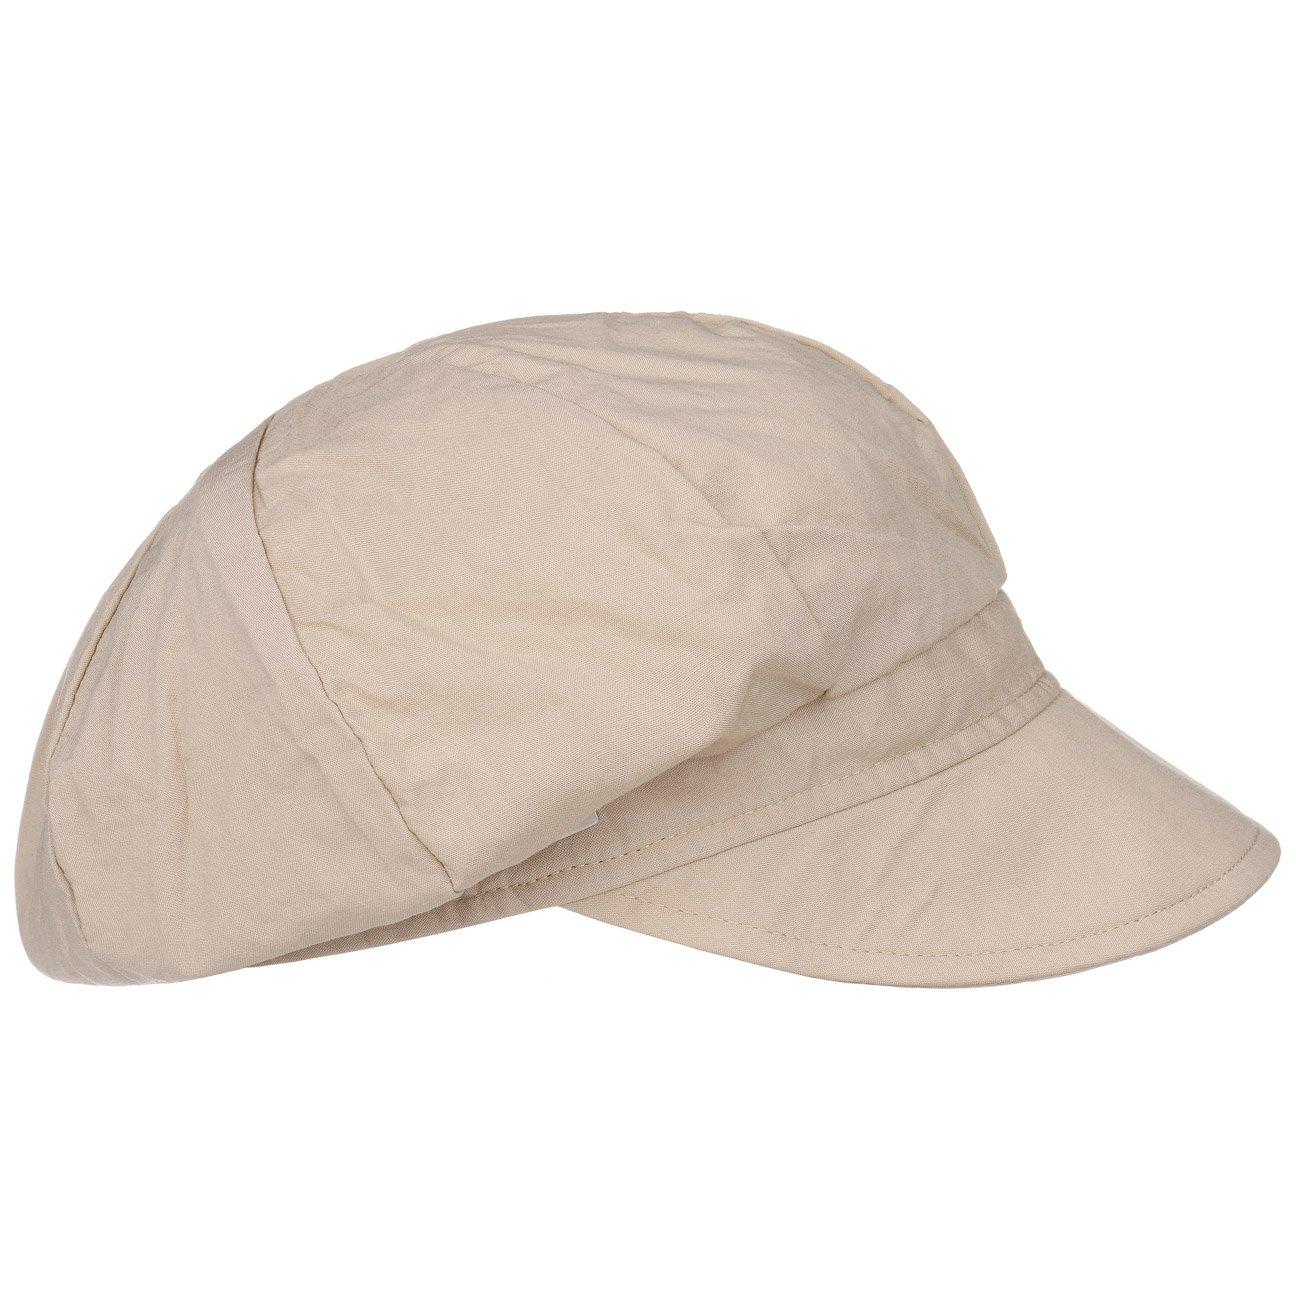 Seeberger Uni Viskose Ballonm/ütze Schirmm/ütze Damencap Sommercap Newsboy-M/ütze Baker Boy Hat Mit Schirm